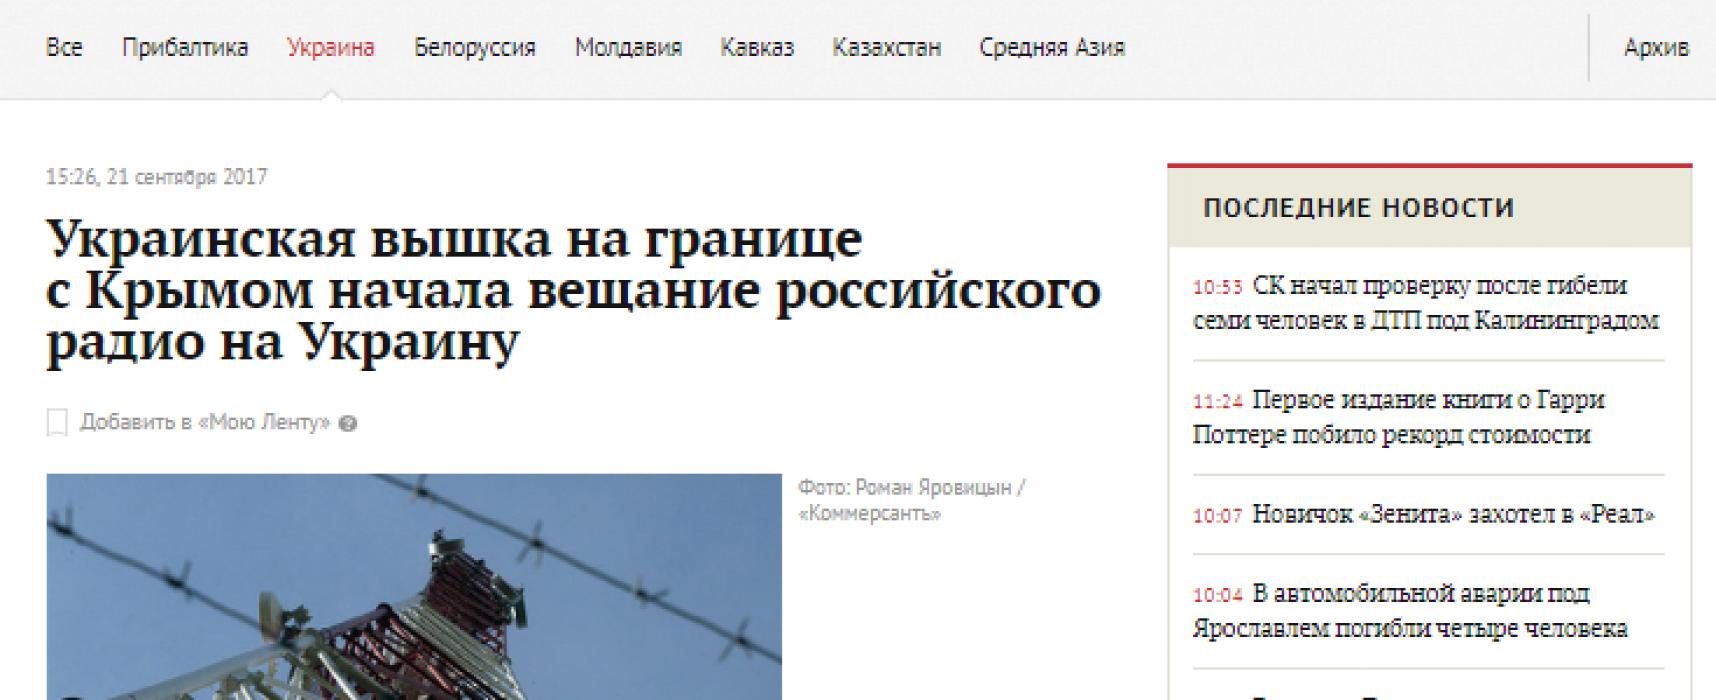 Fake: L'antenna ucraina al confine con la Crimea trasmette la radio russa in Ucraina